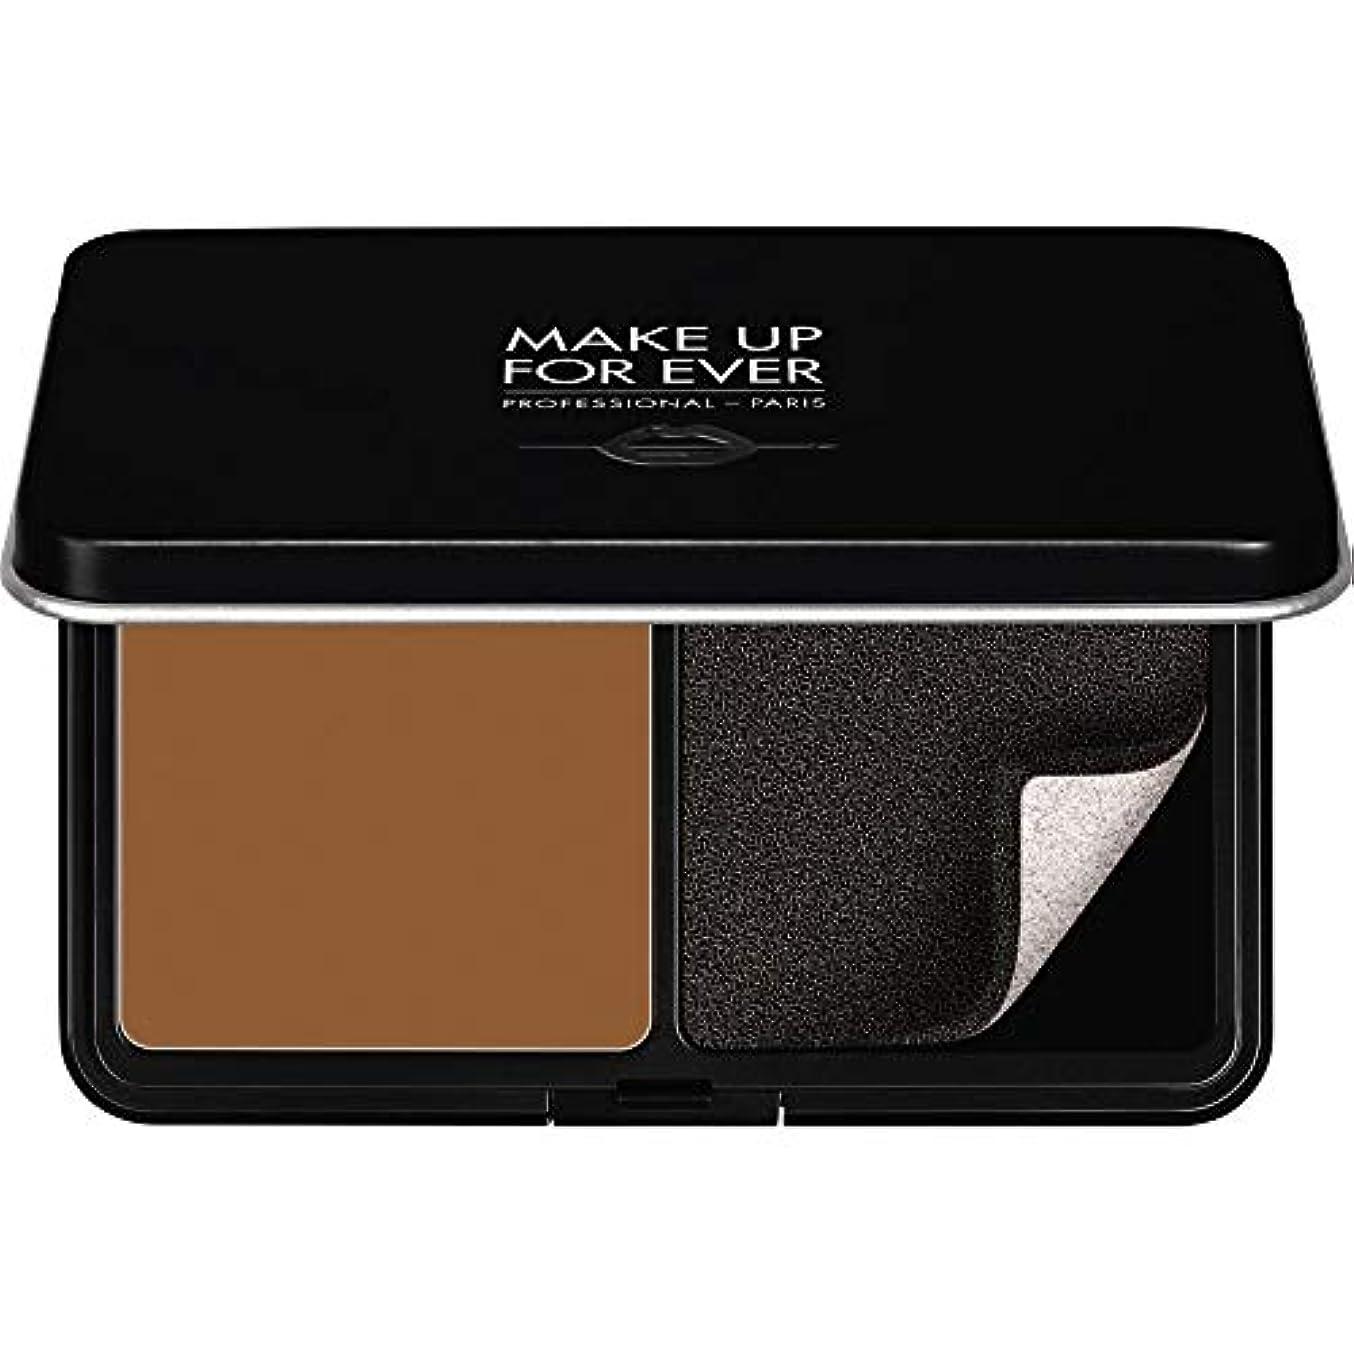 病気だと思う終点パーク[MAKE UP FOR EVER] パウダーファンデーション11GののR520をぼかし、これまでマットベルベットの肌を補う - シナモン - MAKE UP FOR EVER Matte Velvet Skin Blurring...